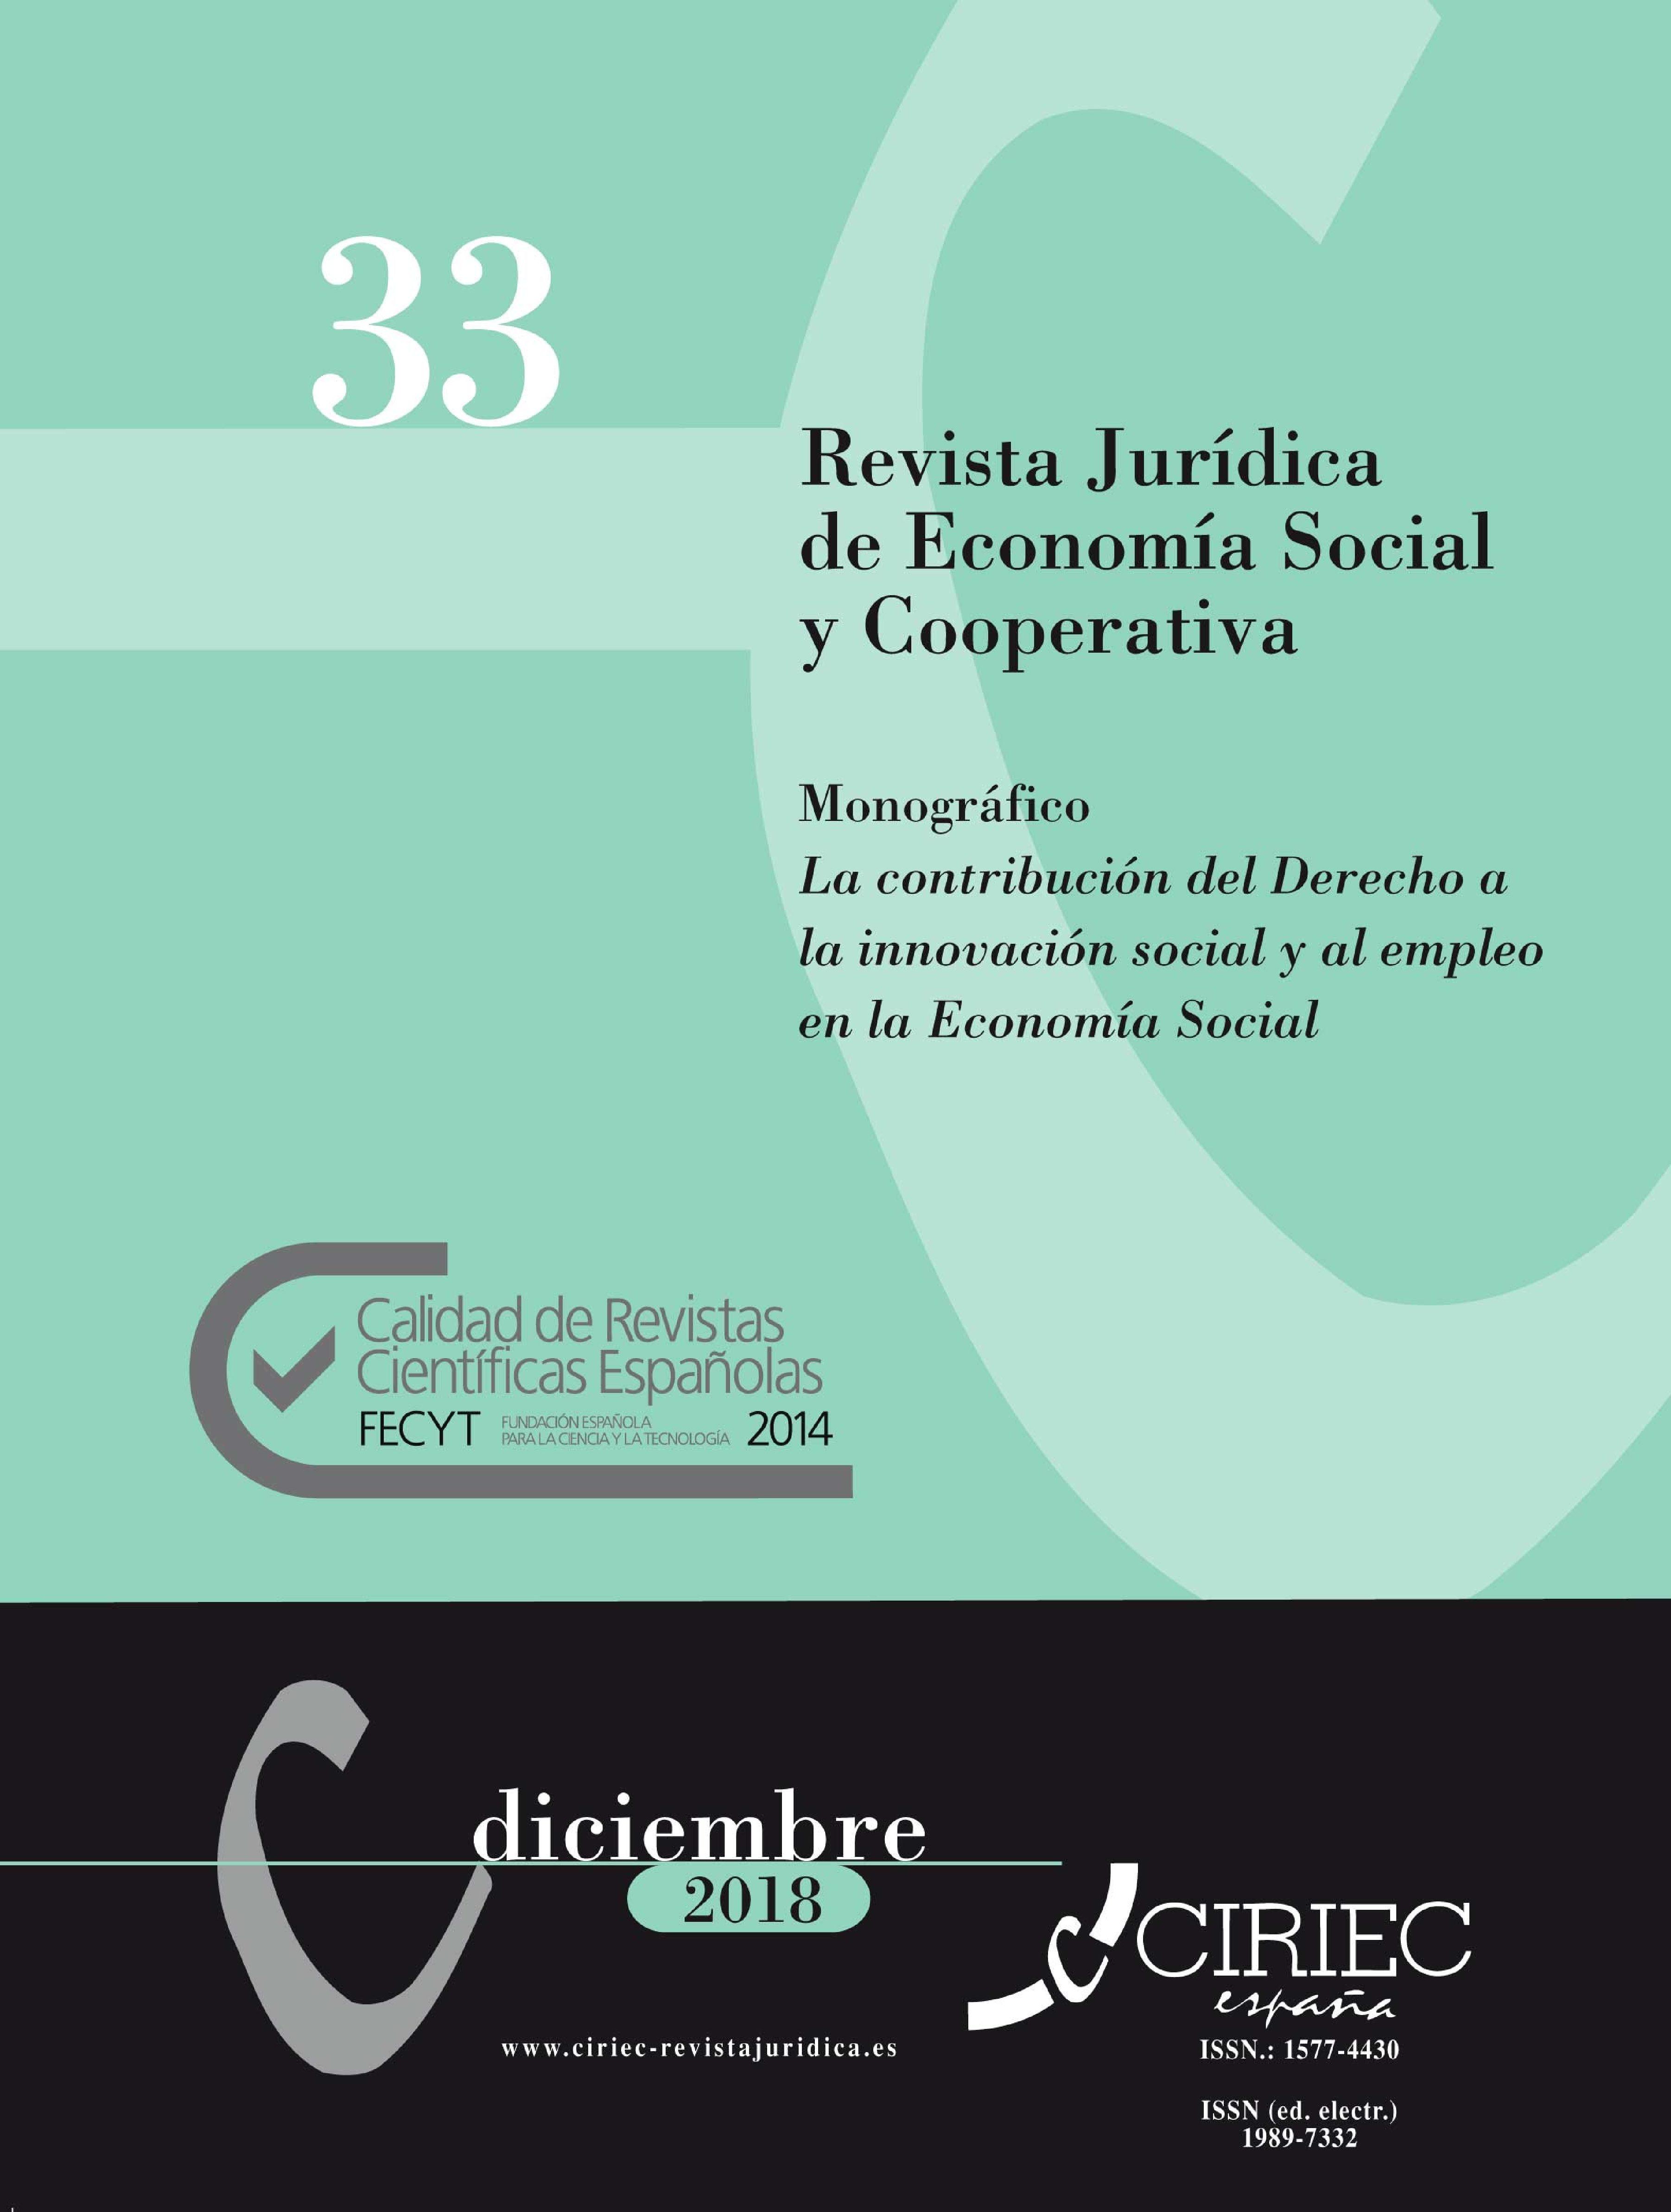 """Monográfico """"La contribución del Derecho a la innovación social y al empleo en la Economía Social"""", en la Revista Jurídica de Economía Social y Cooperativa de CIRIEC España."""